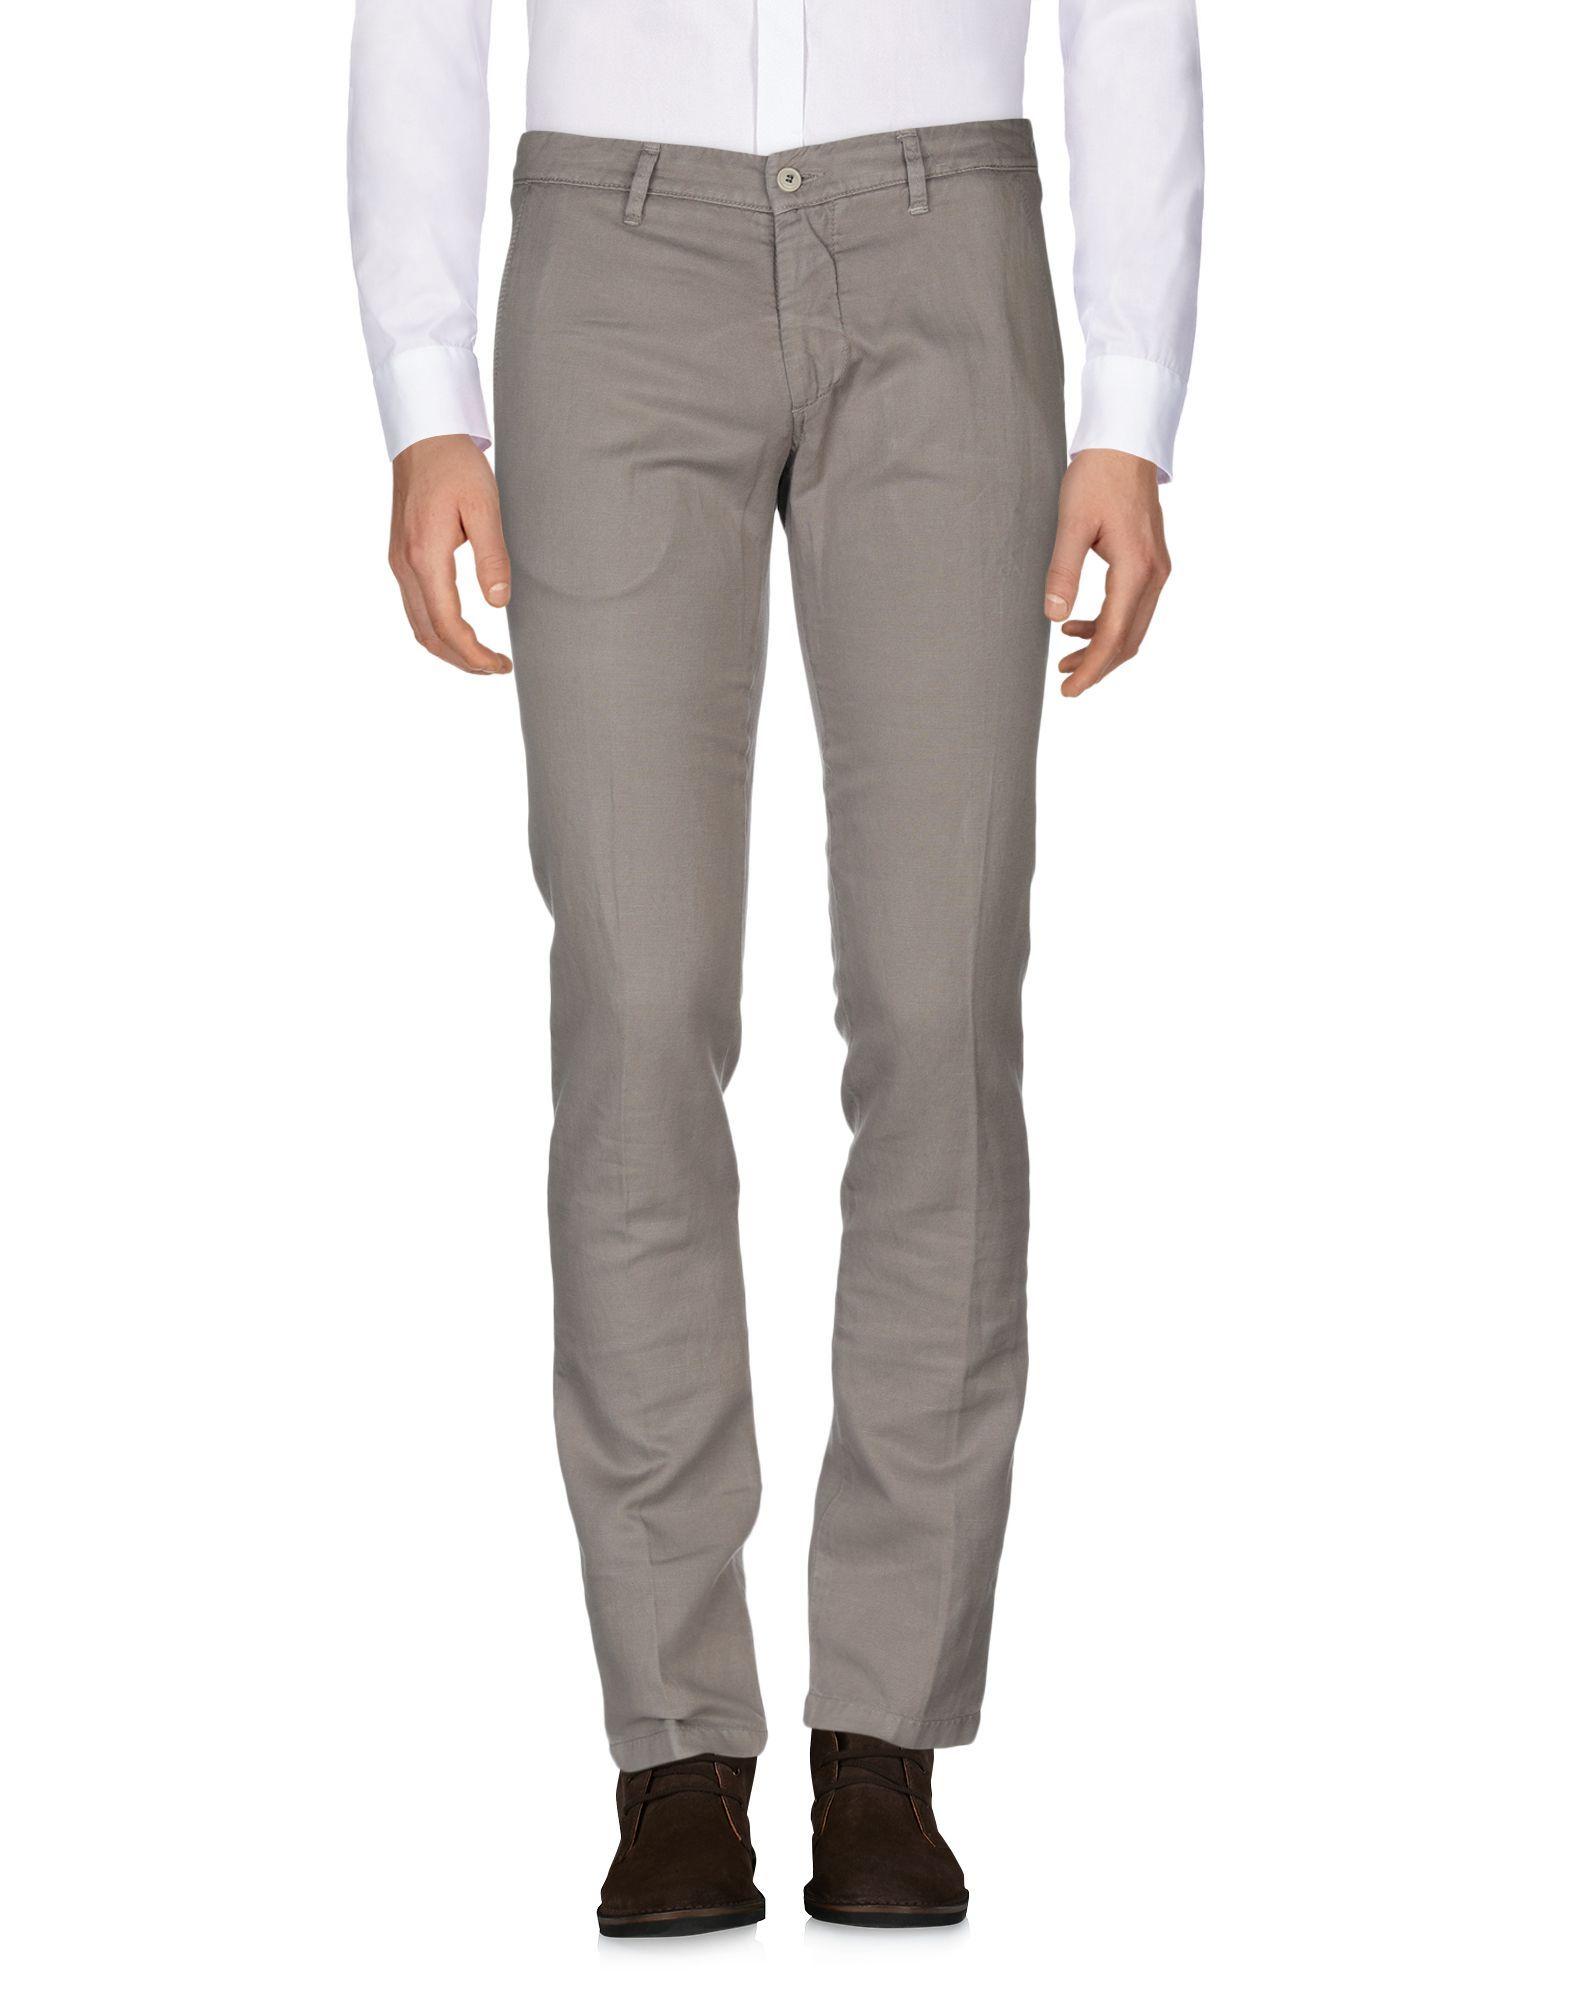 Massimo Rebecchi Khaki Linen Chino Trousers